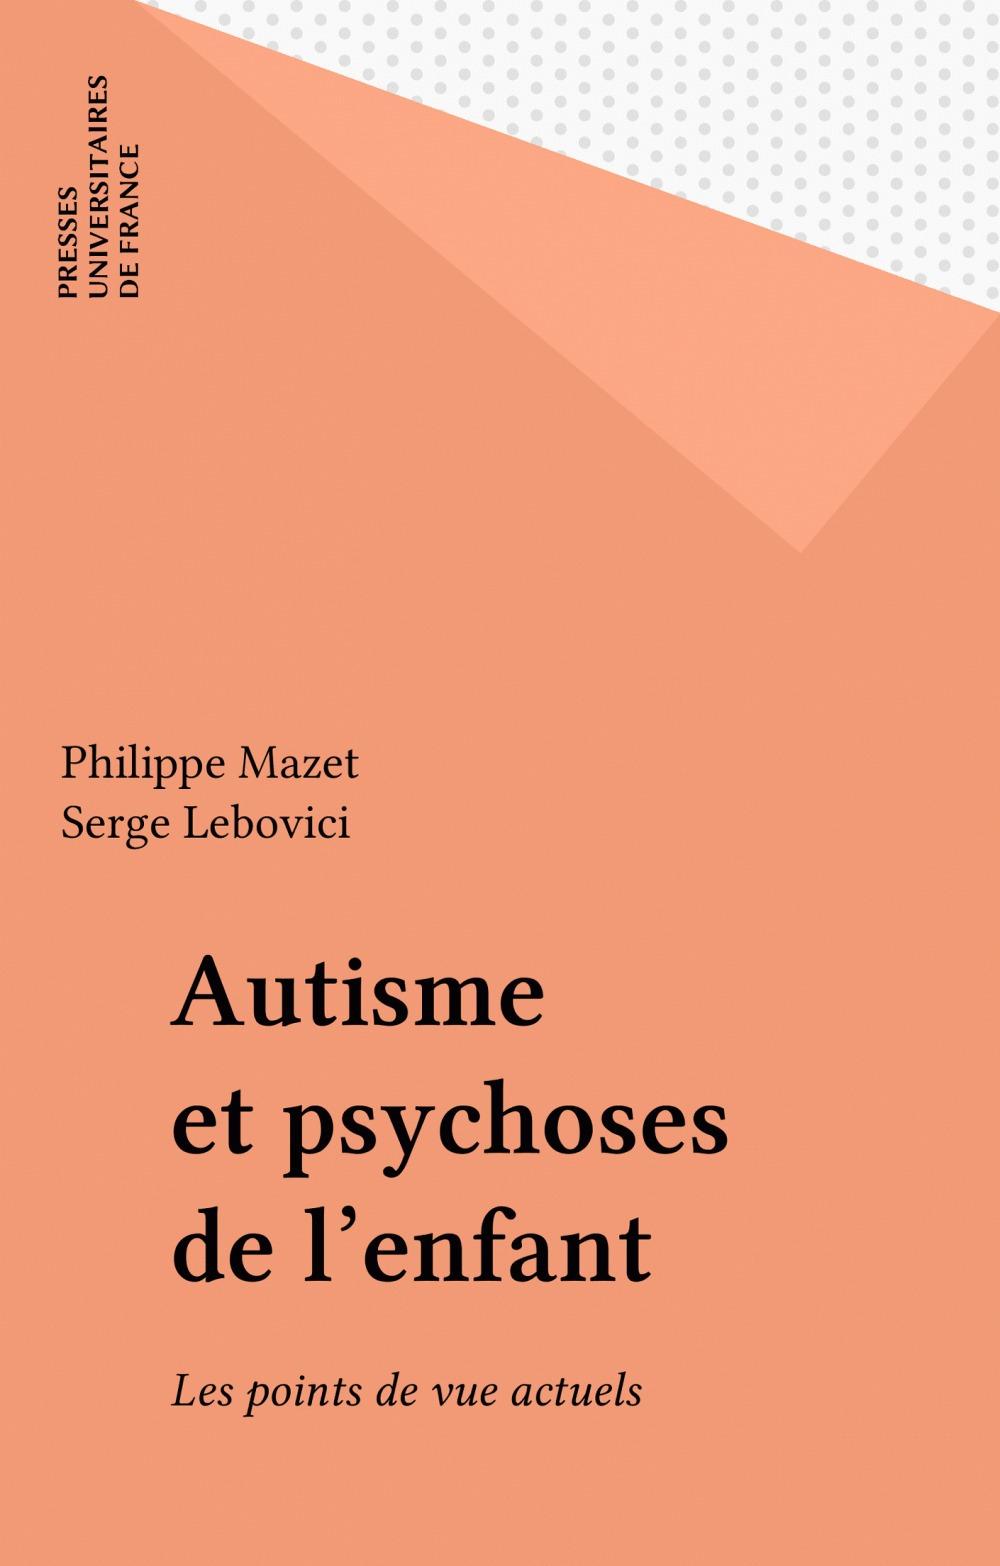 Autisme et psychoses de l'enfant